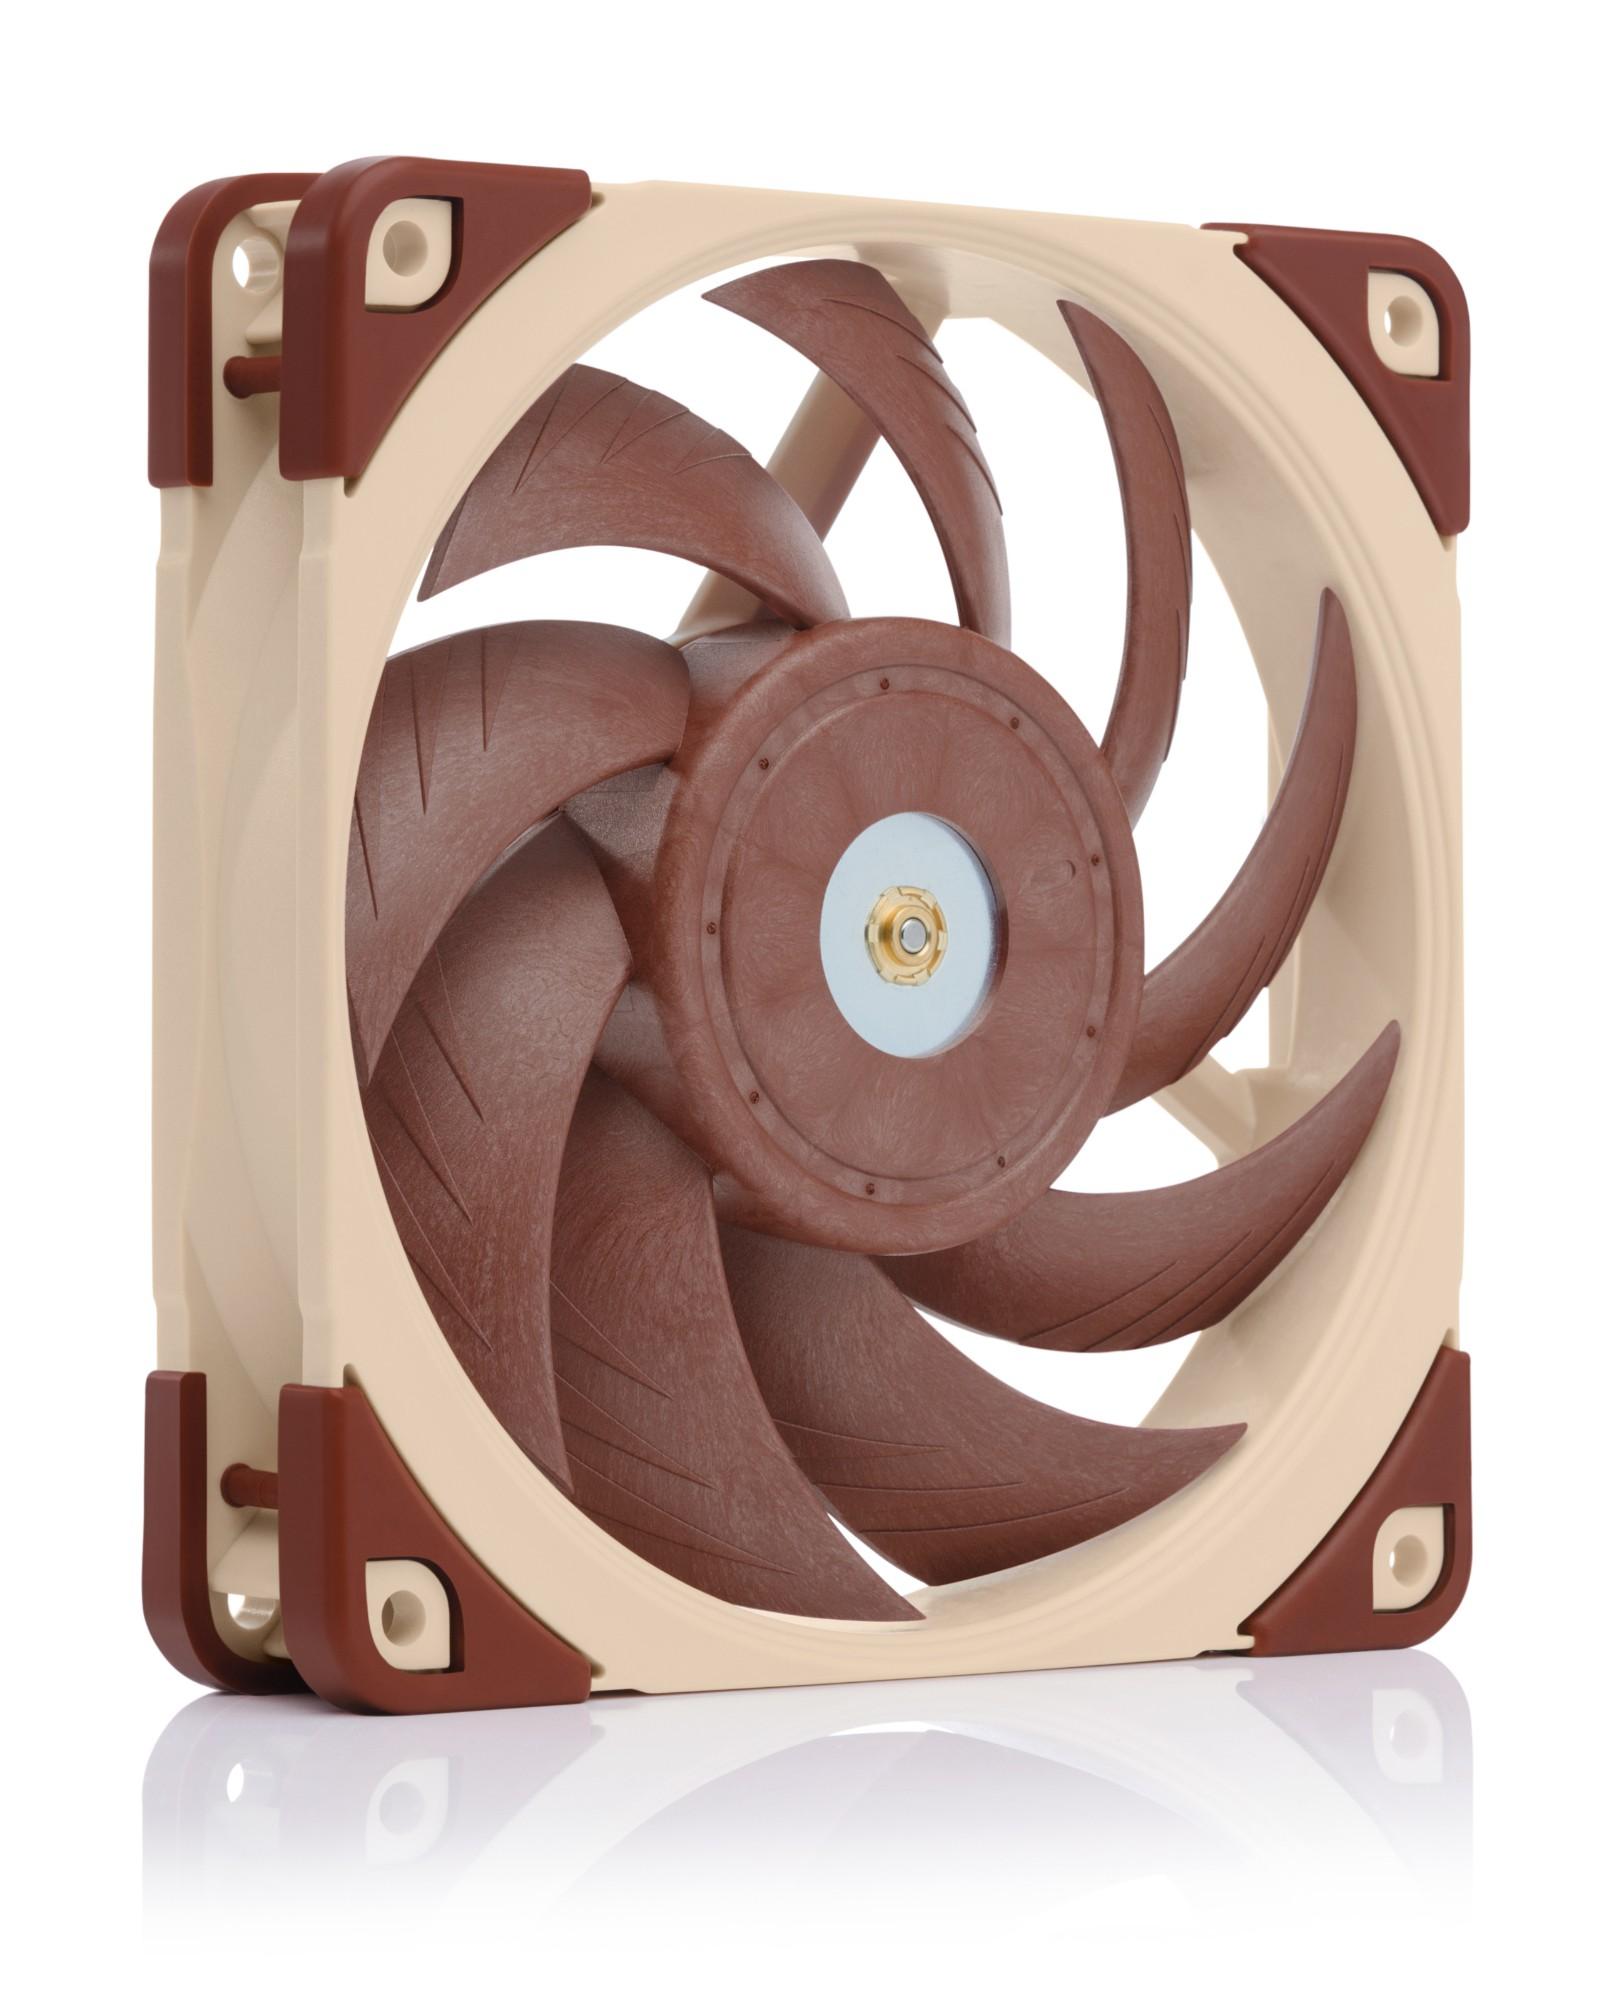 Noctua NF-A12x25 Computer case Fan